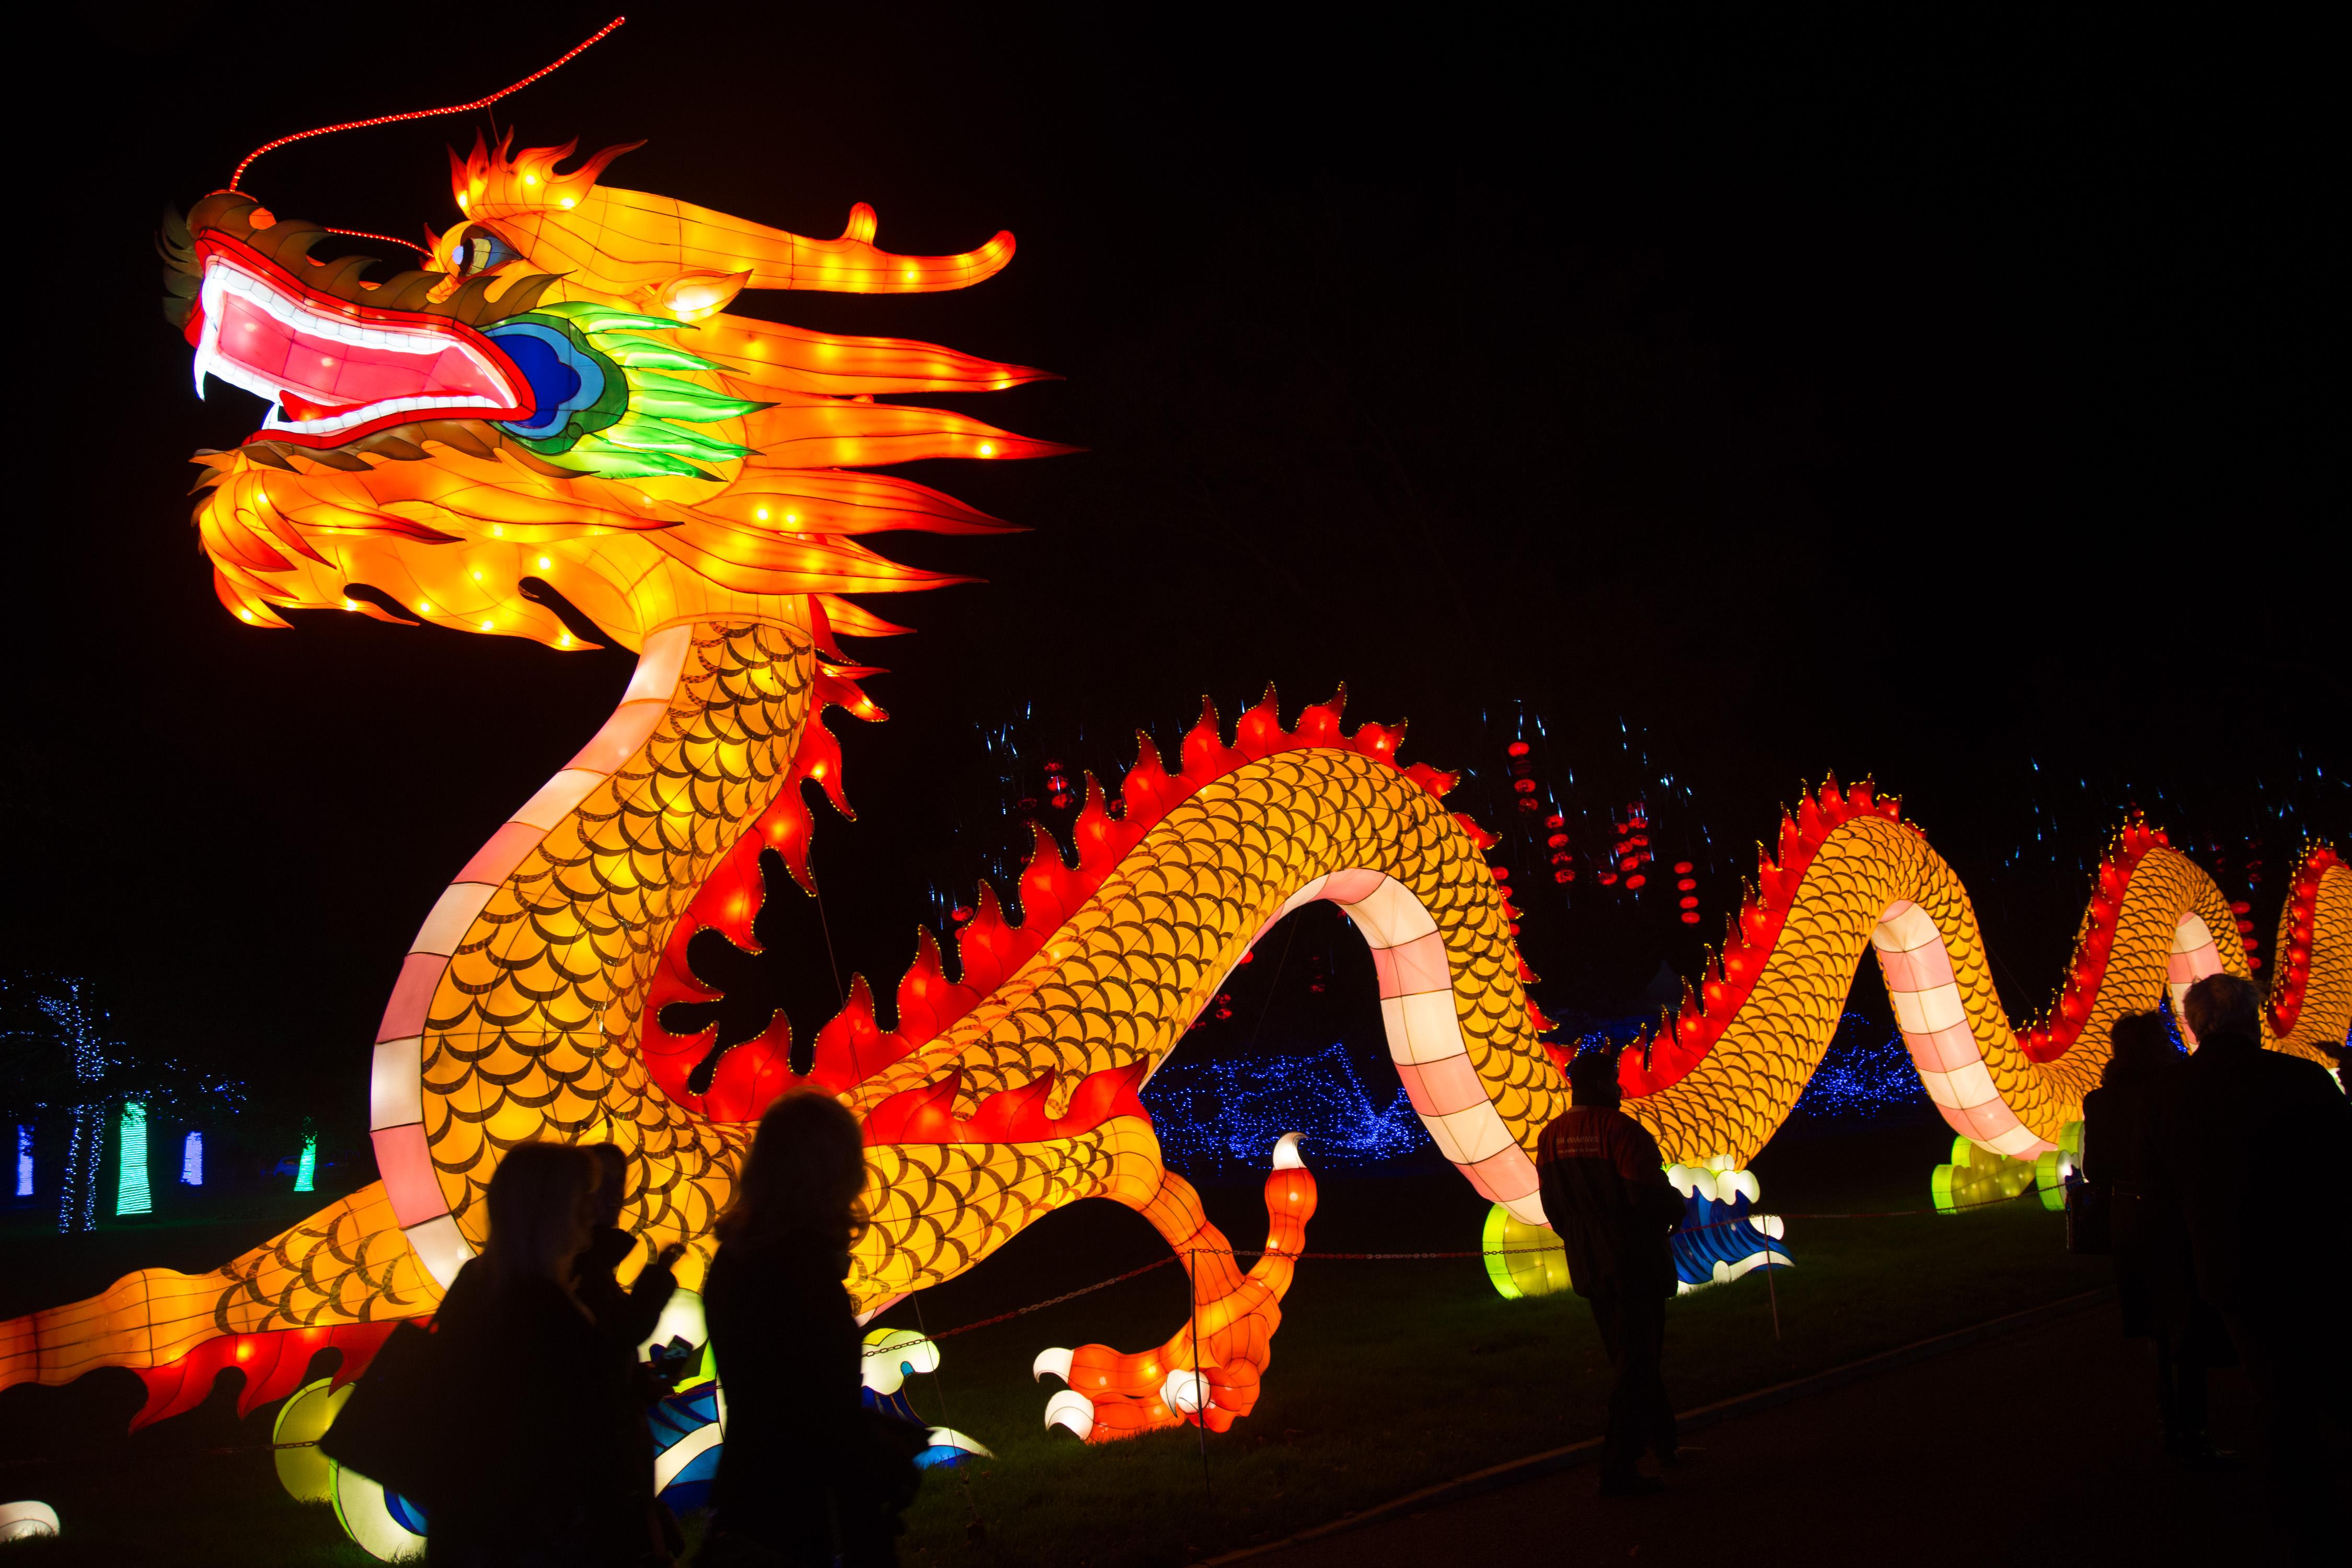 Освещённый китайский дракон в Вилтшире, Англия, 12 ноября 2015 г. Фото: Matt Cardy/Getty Images for Longleat